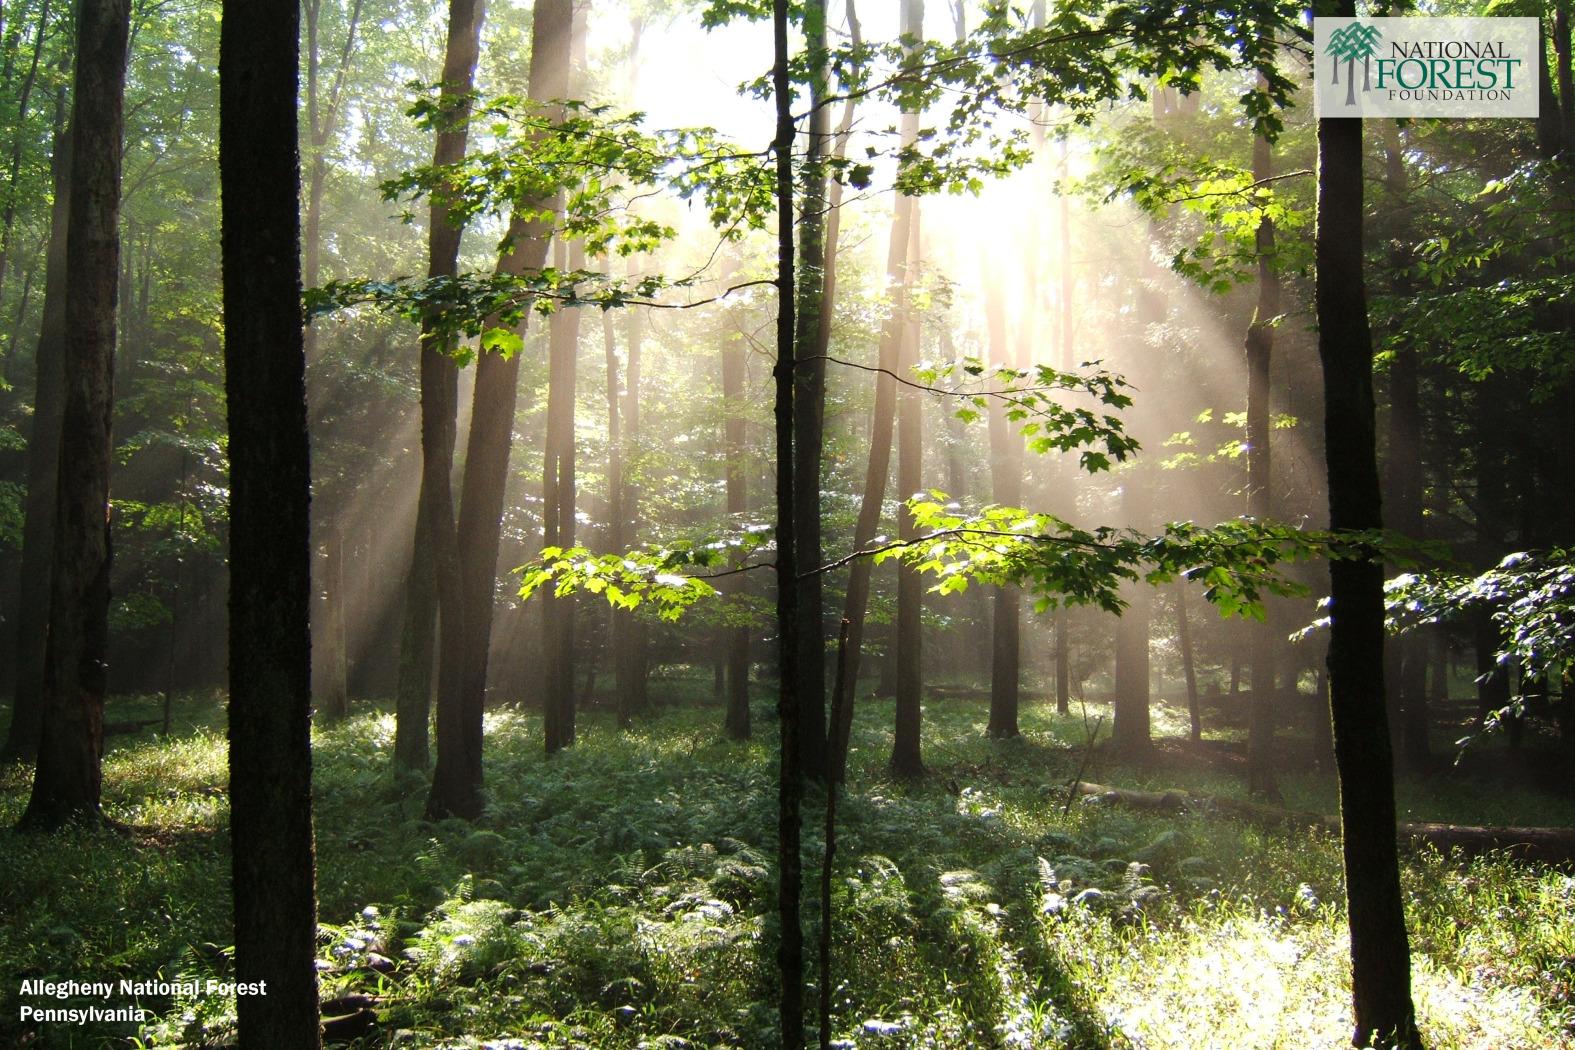 desktop backgrounds national forest